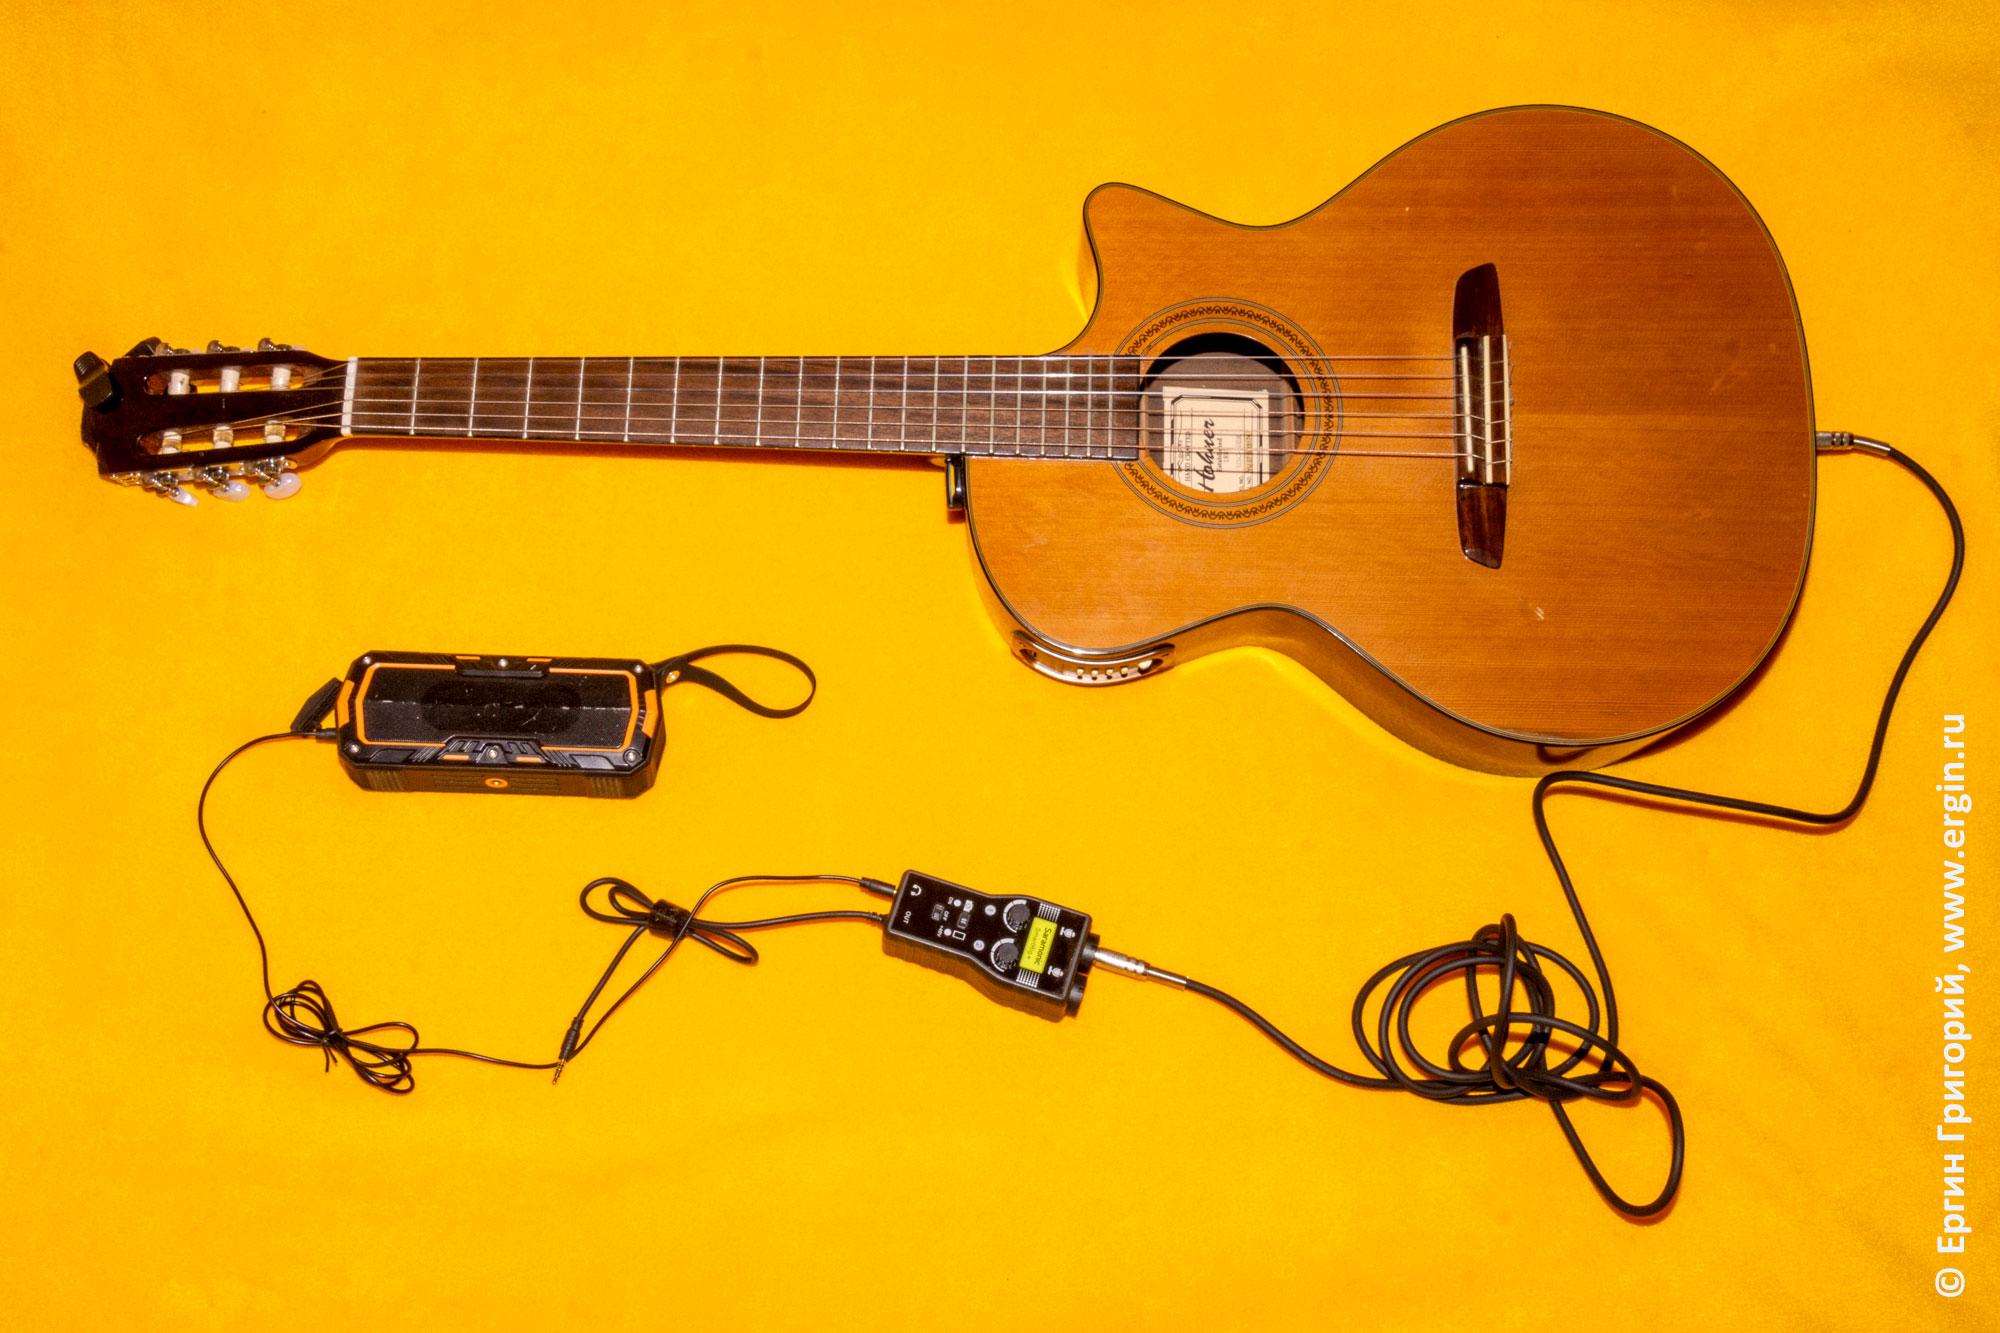 Простейшее подключение электрогитары или акустической гитары со встроенным усилителем к активной bluetooth колонке через линейный вход и микрофонный усилитель Saramonic SmartRig+